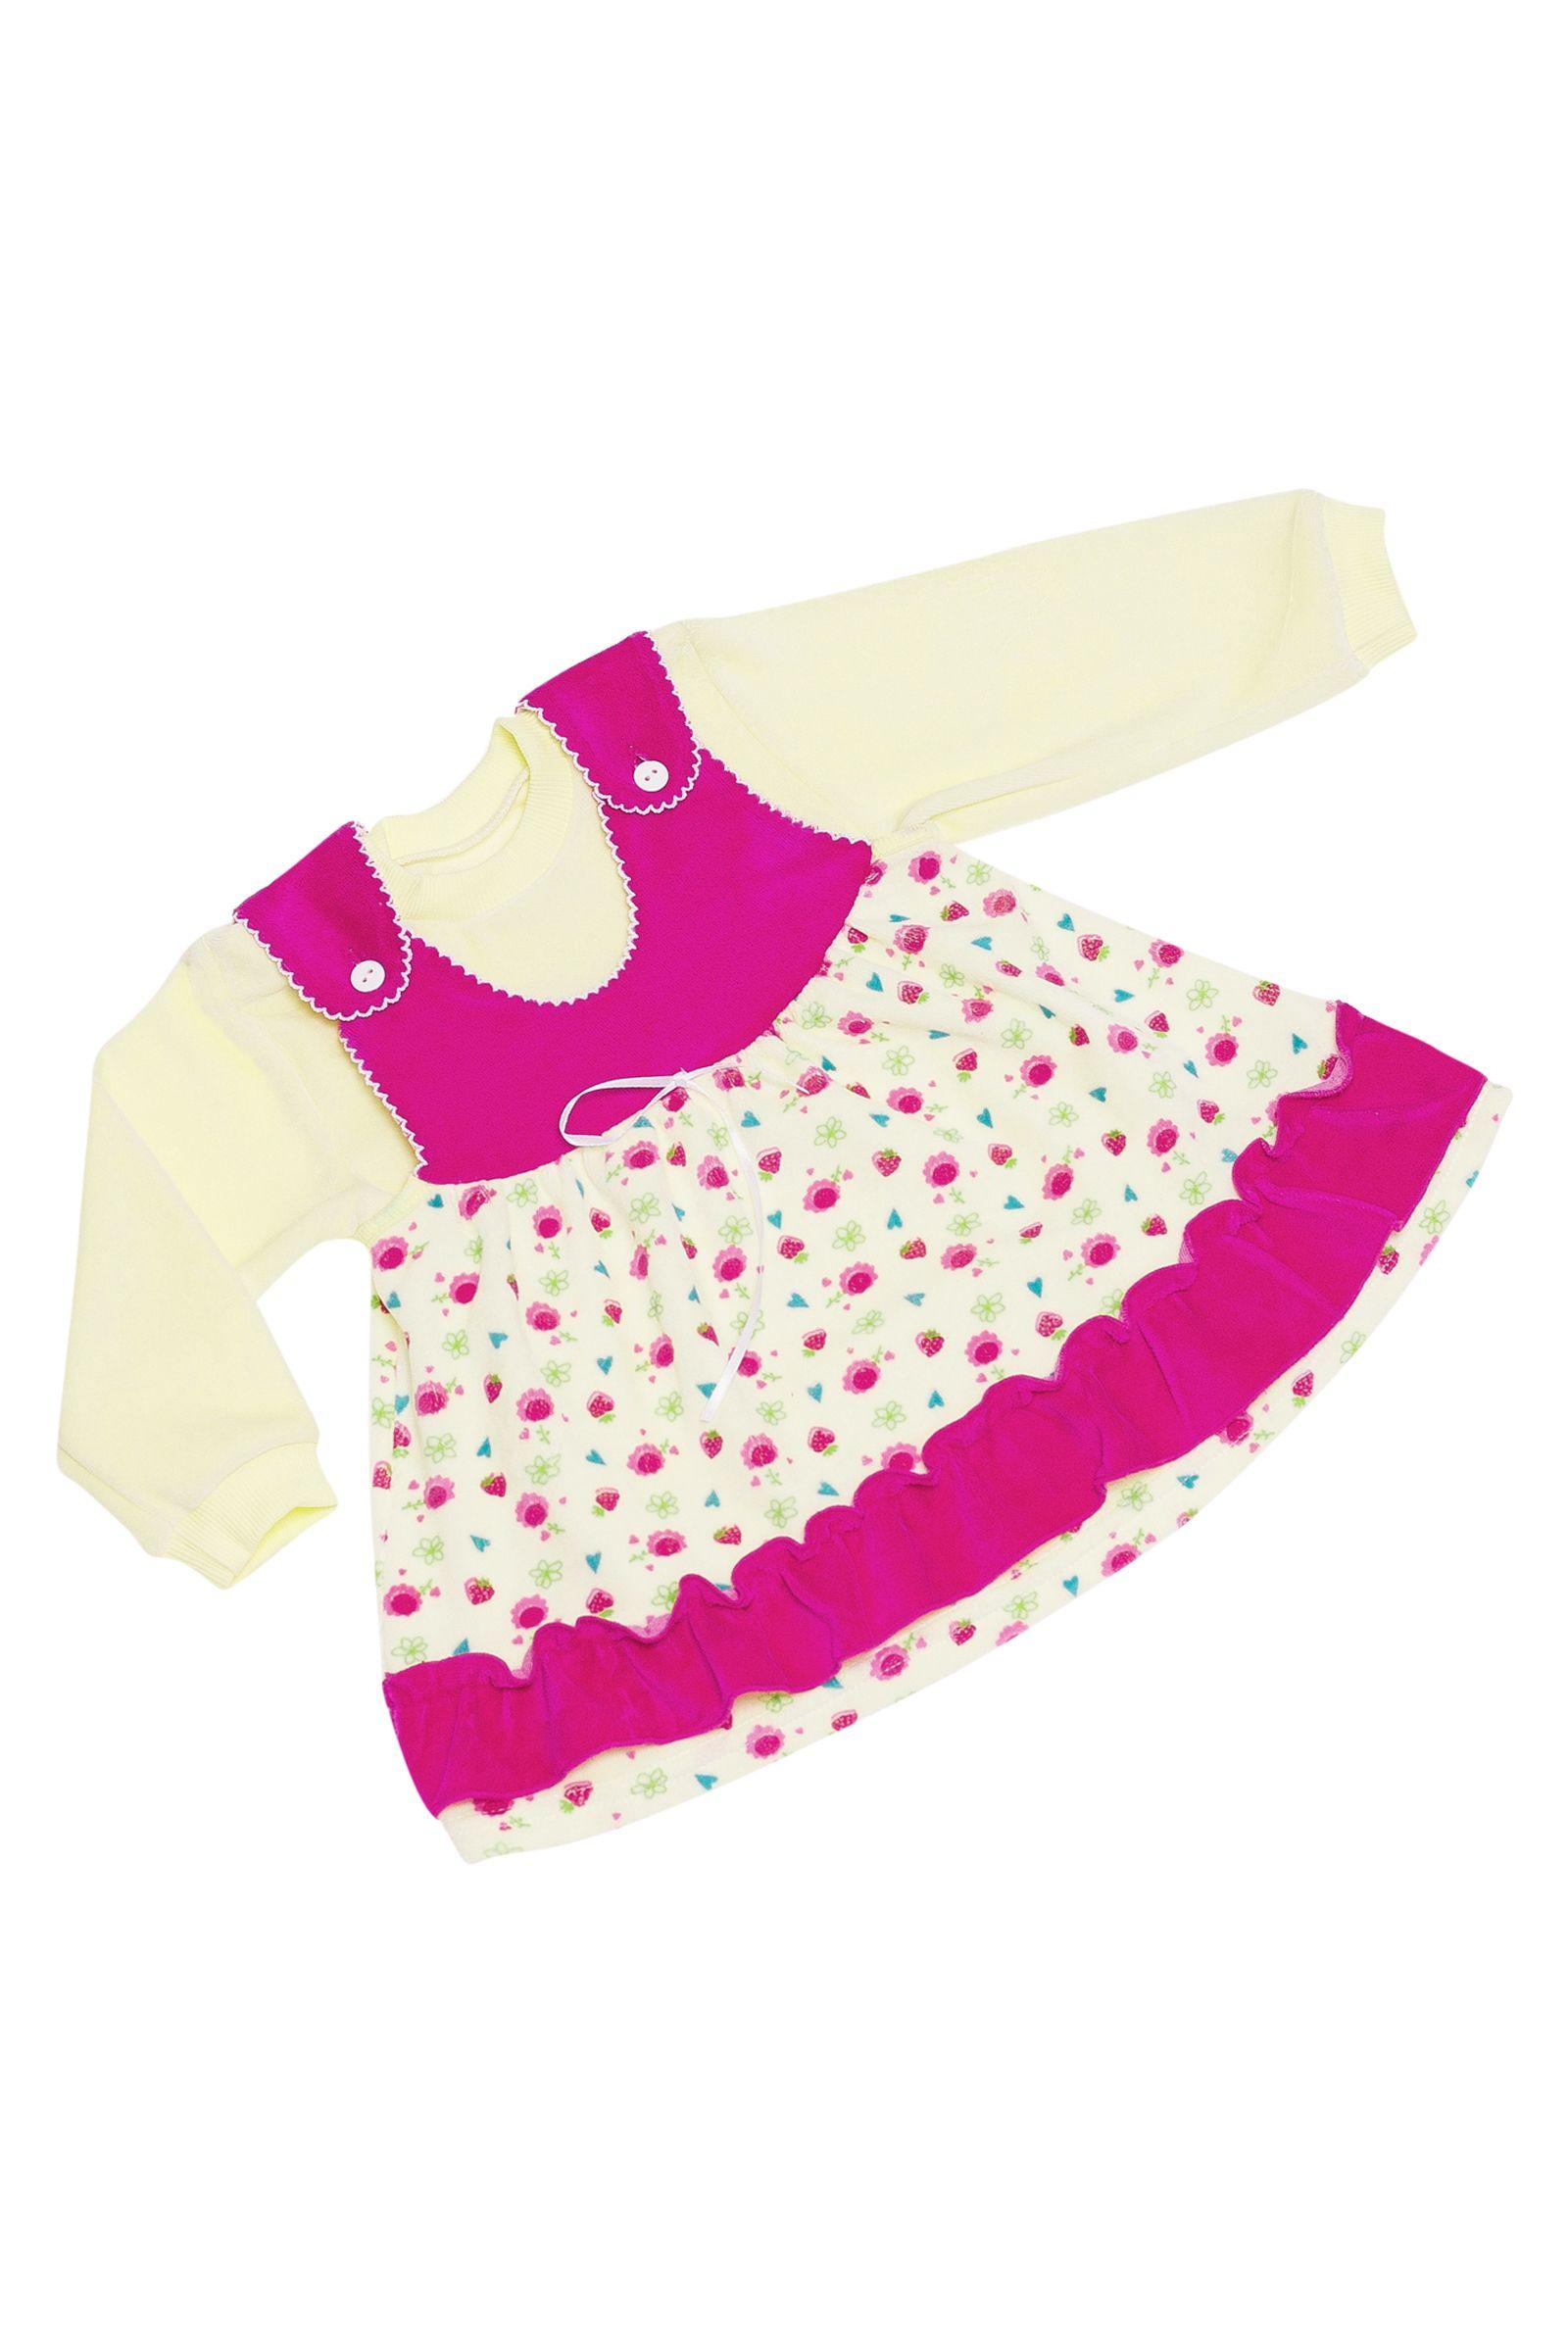 ... Комплект-КД04-1544 оптом от производителя детской одежды 'Алёна' ...